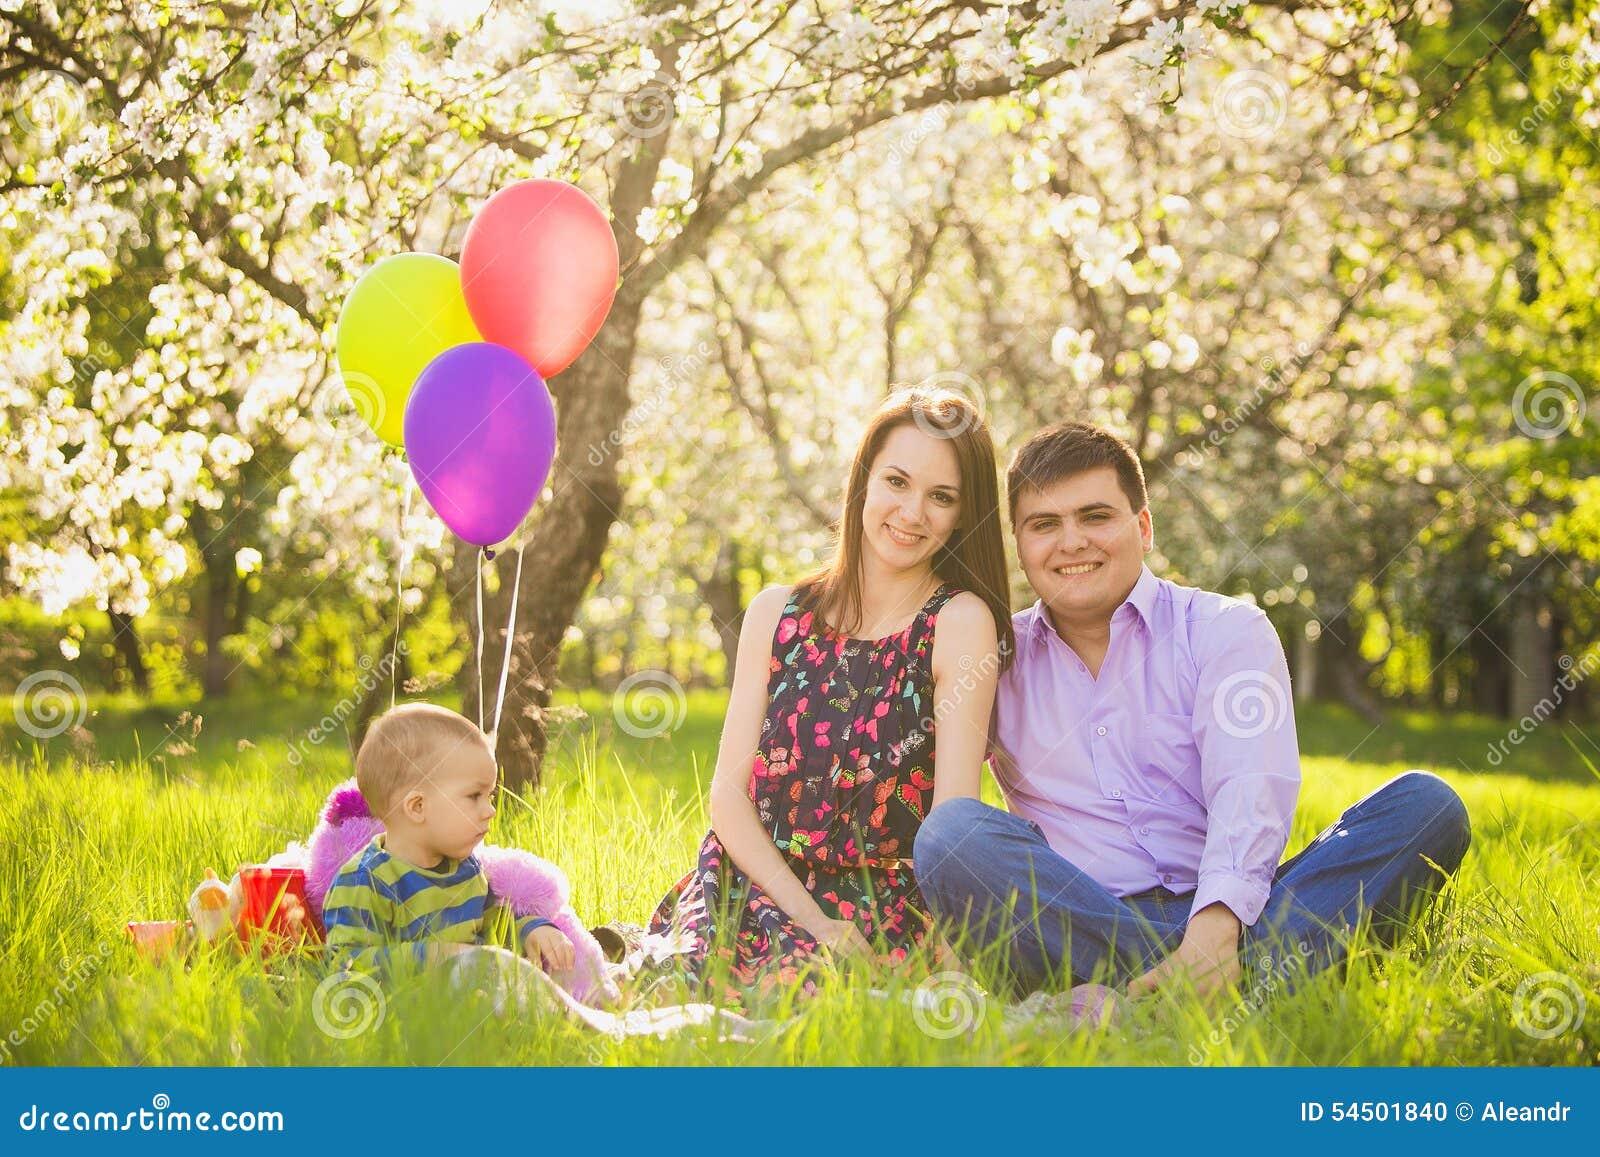 Pique-nique de famille père, mère, enfant s asseyant ensemble